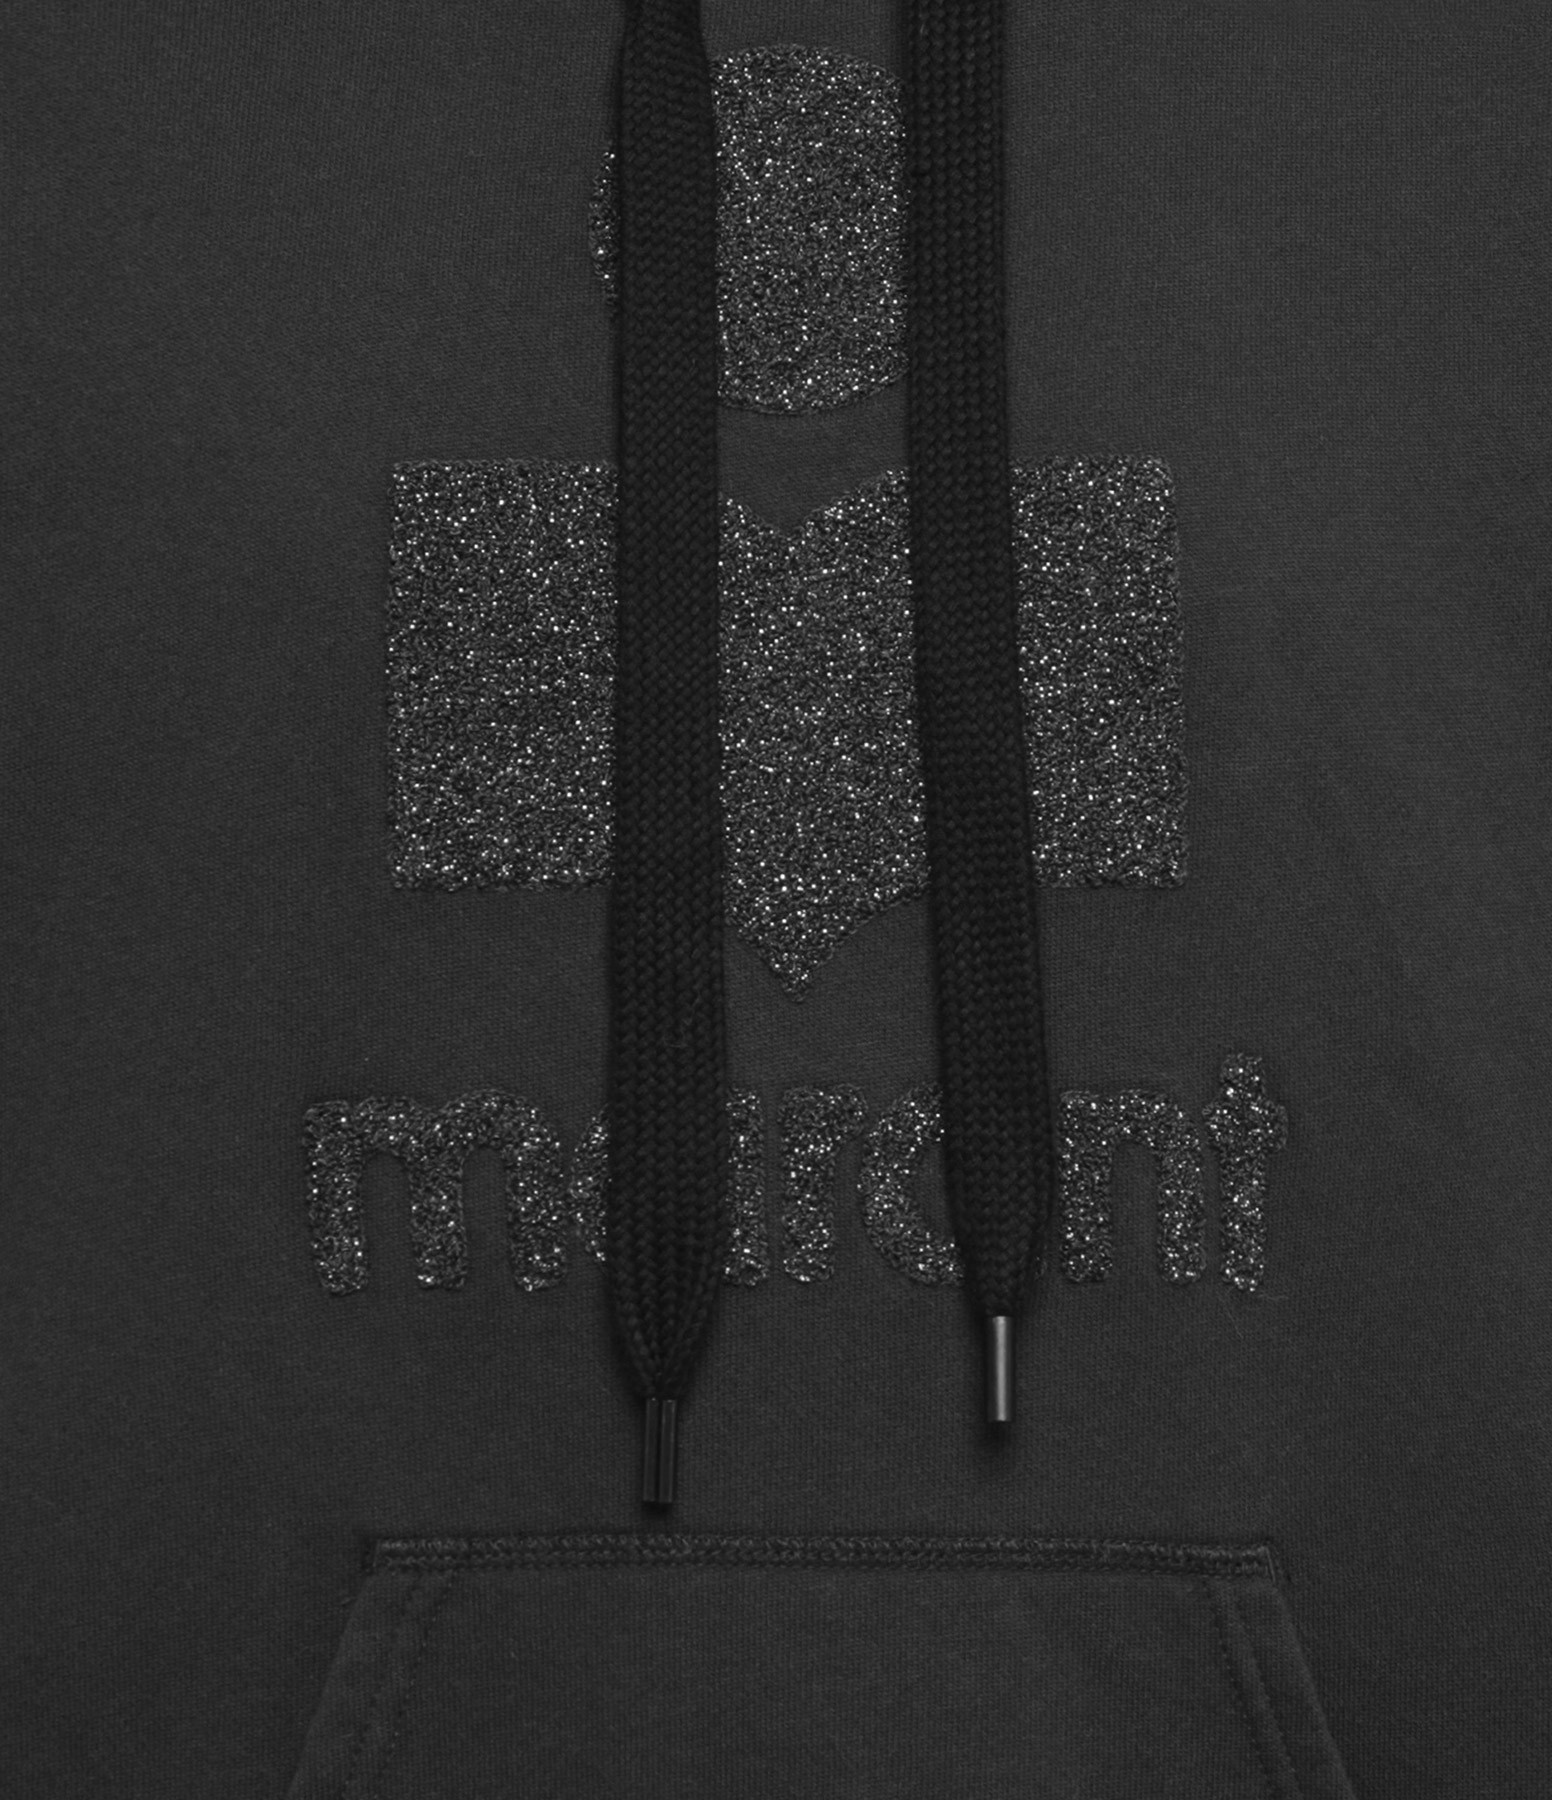 ISABEL MARANT ÉTOILE - Sweatshirt Mansel Coton Noir Argenté